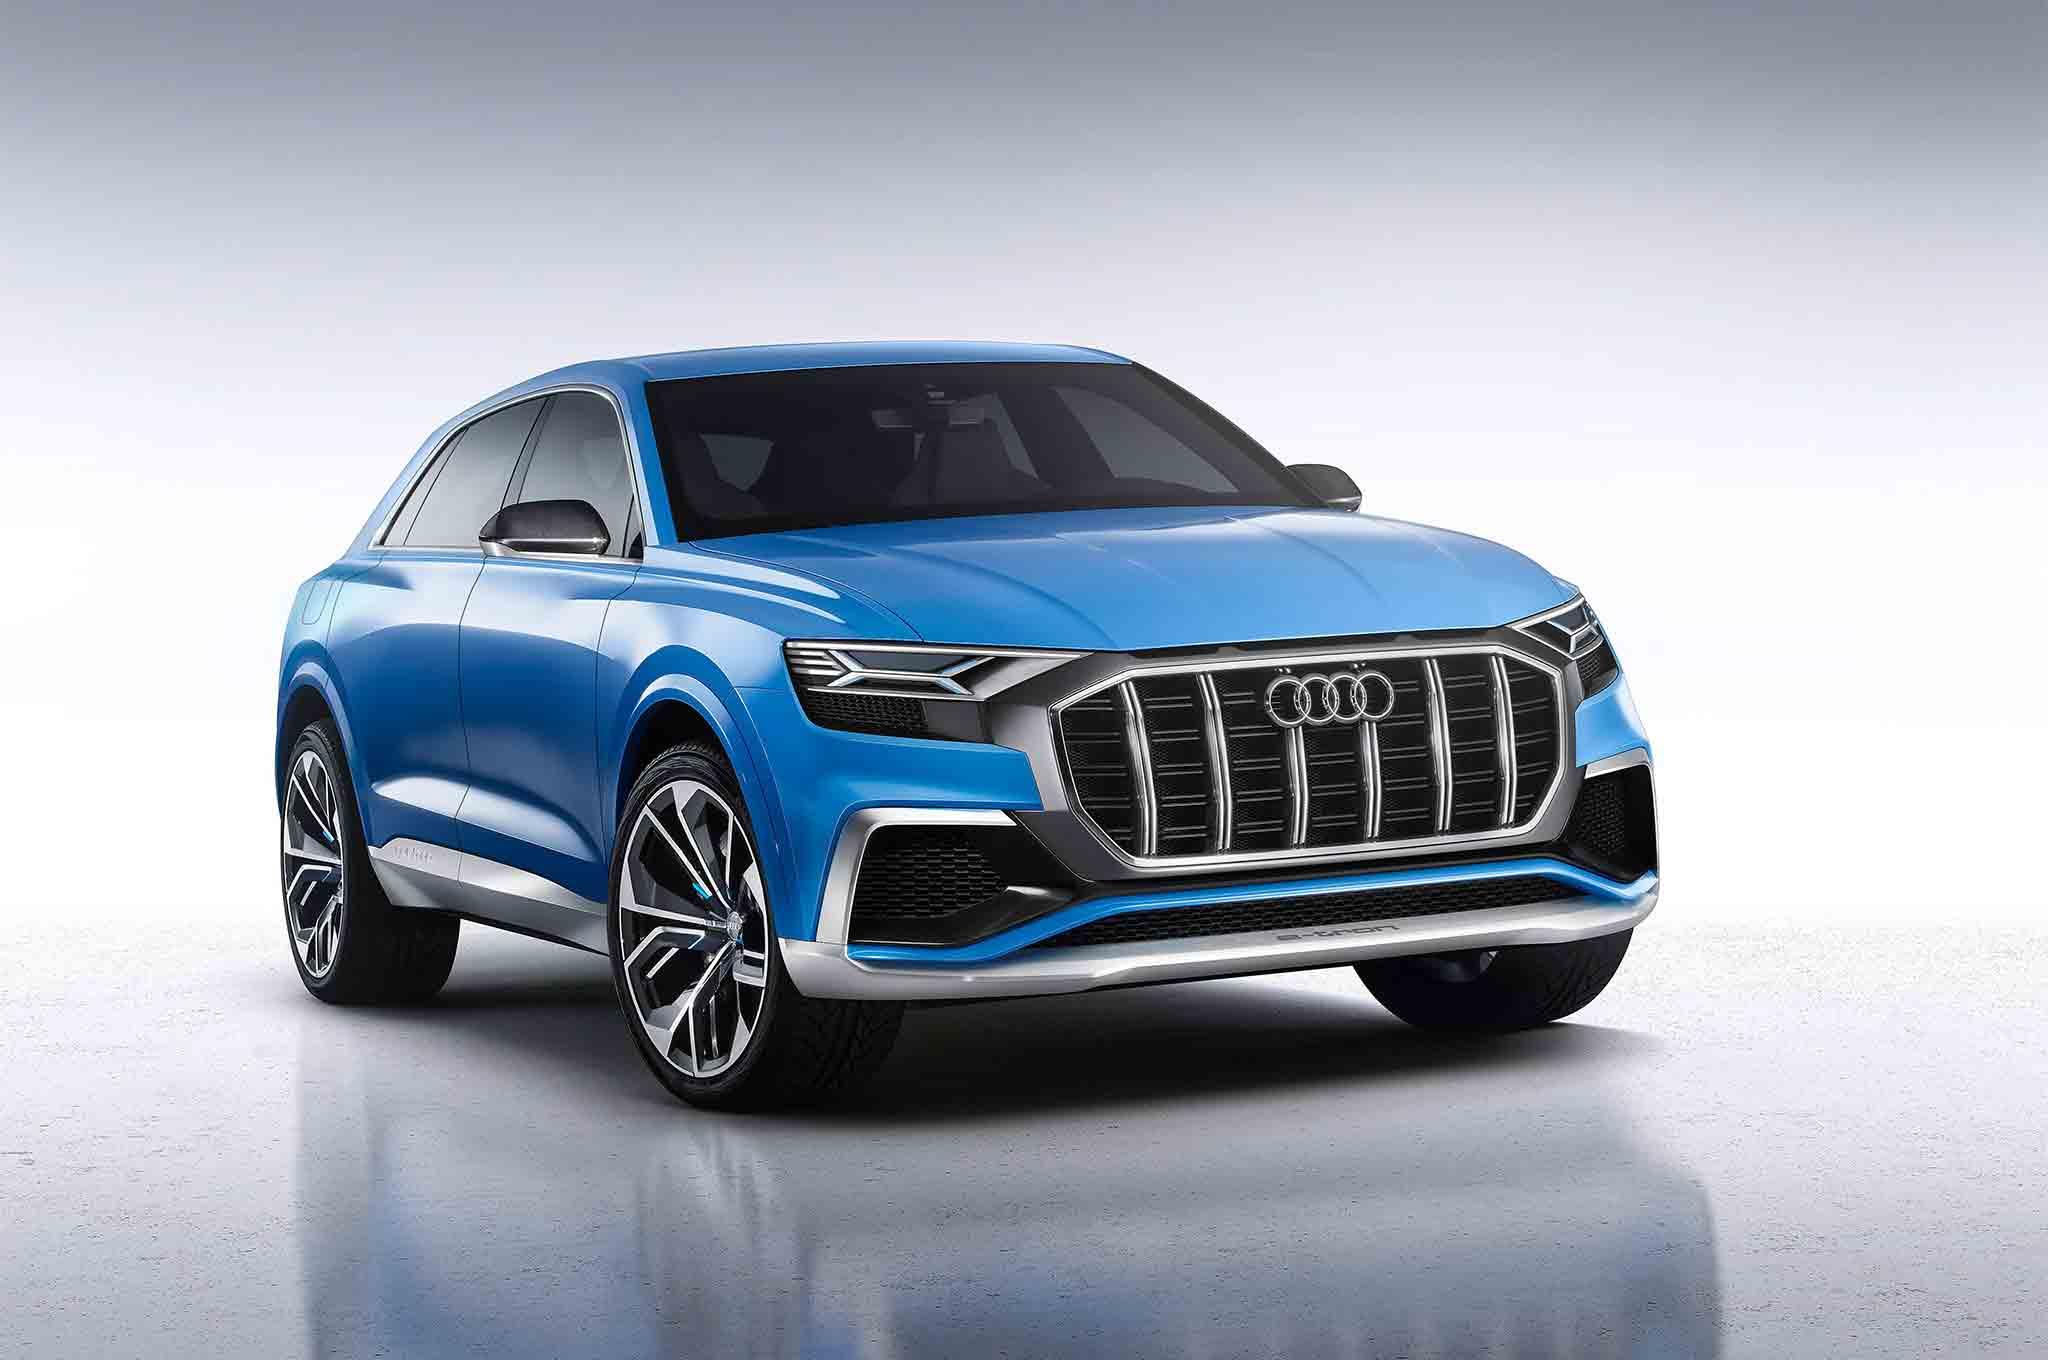 Audi Q8 Concept Front Three Quarter 04 57